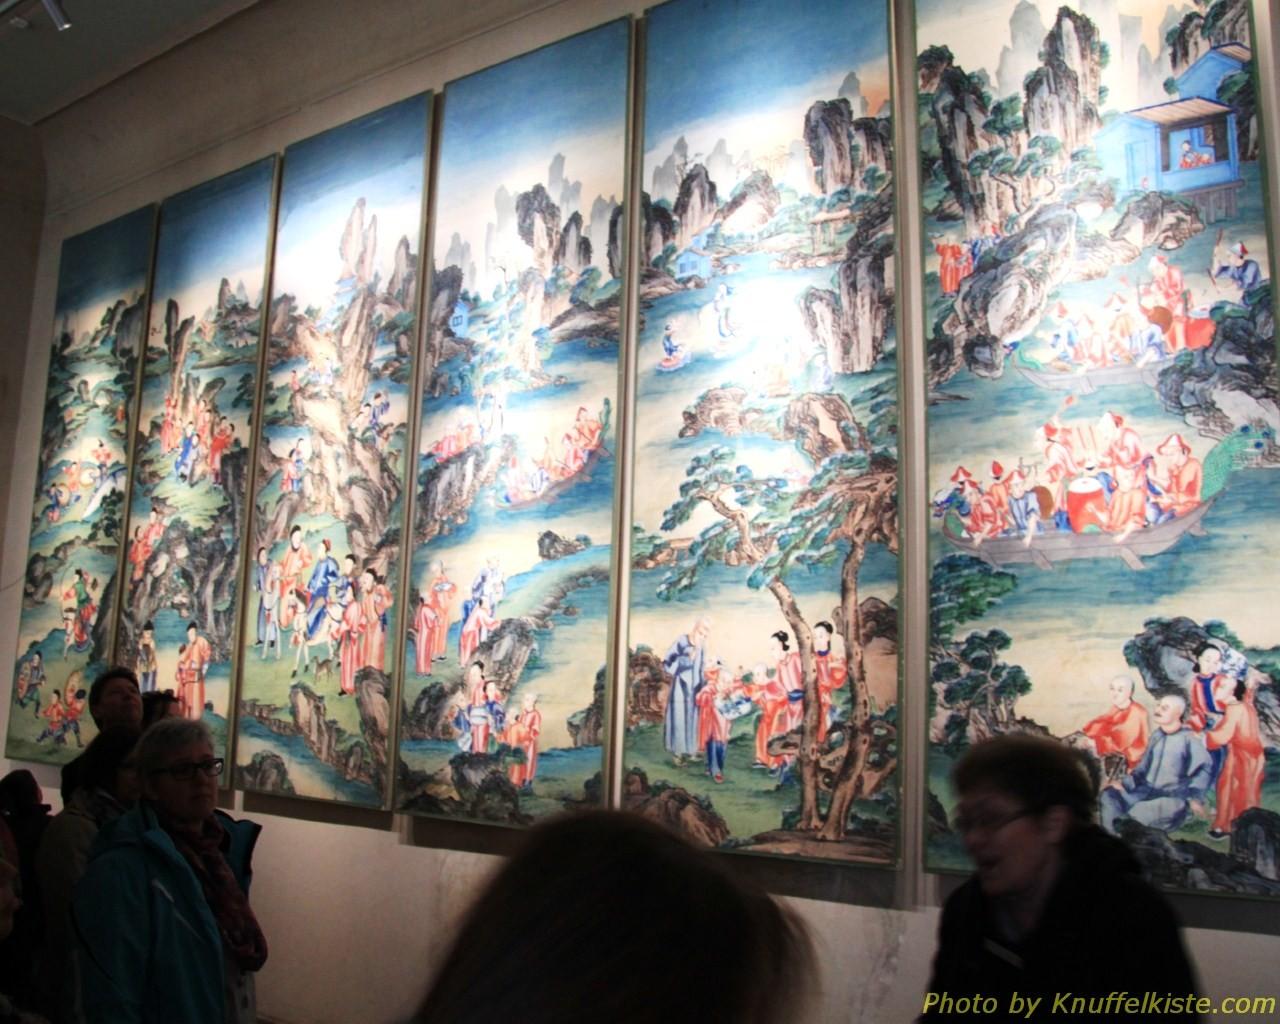 Wandtapete aus China